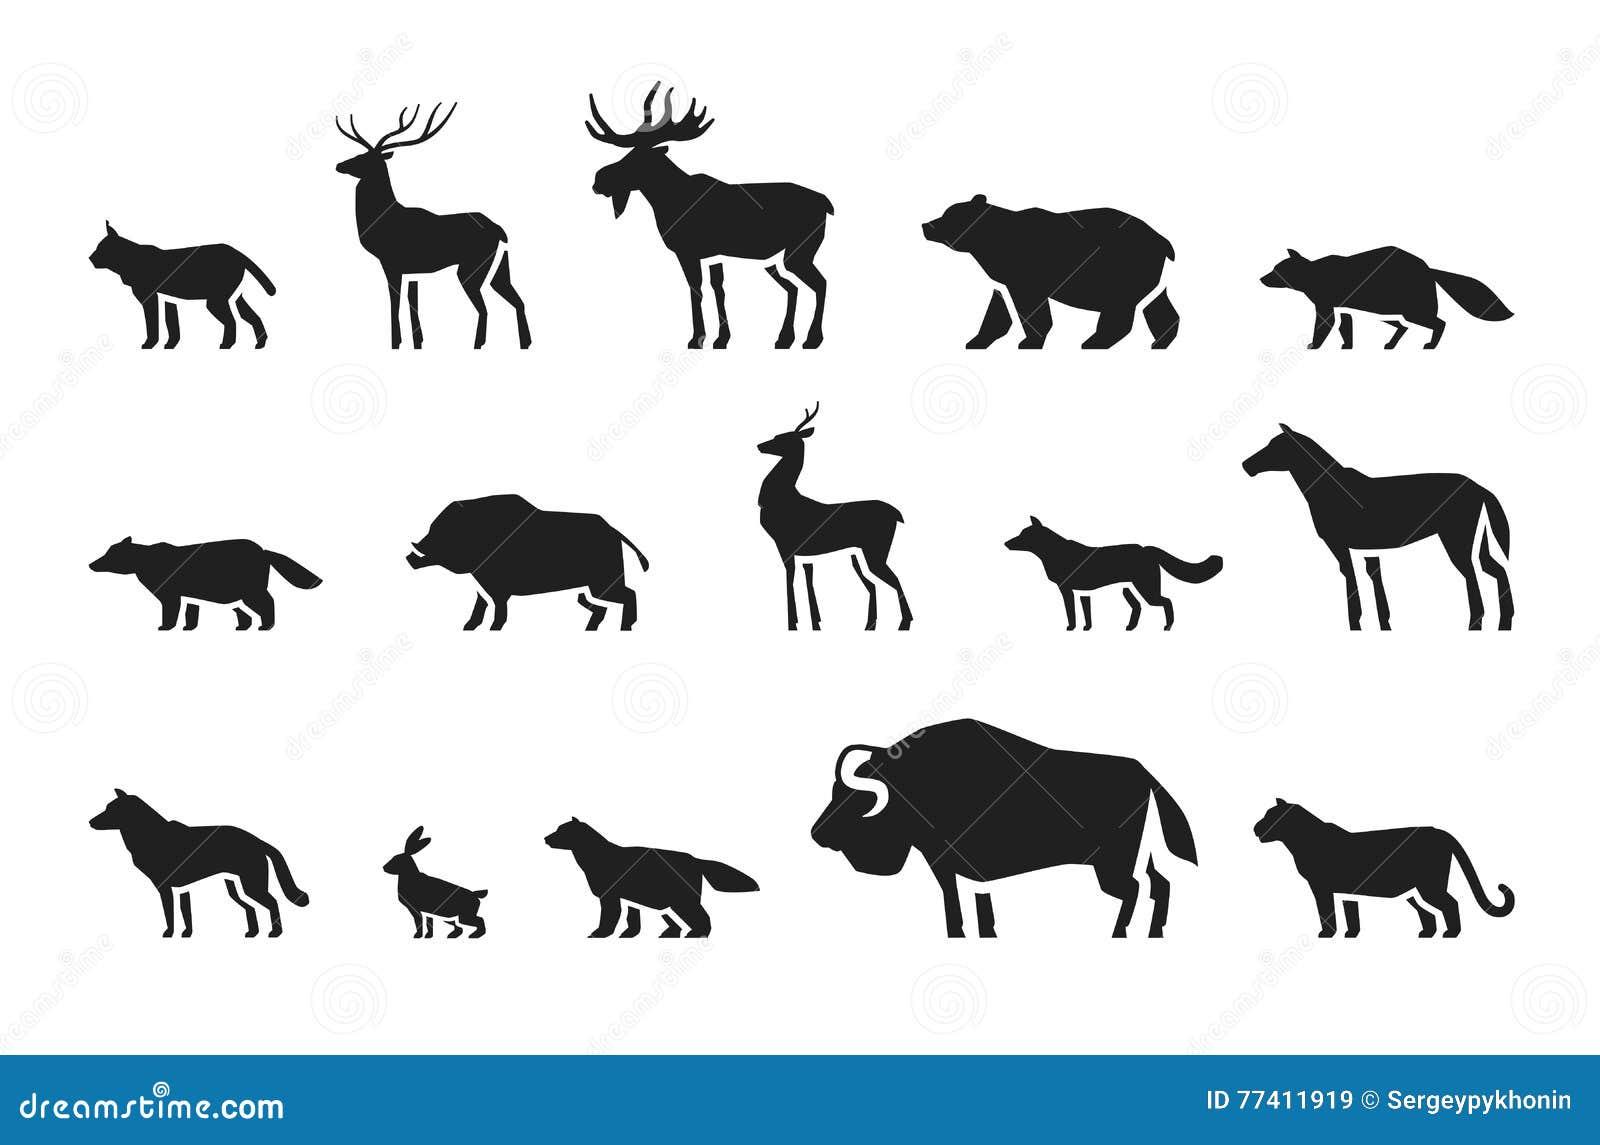 animal footprints vector vector illustration